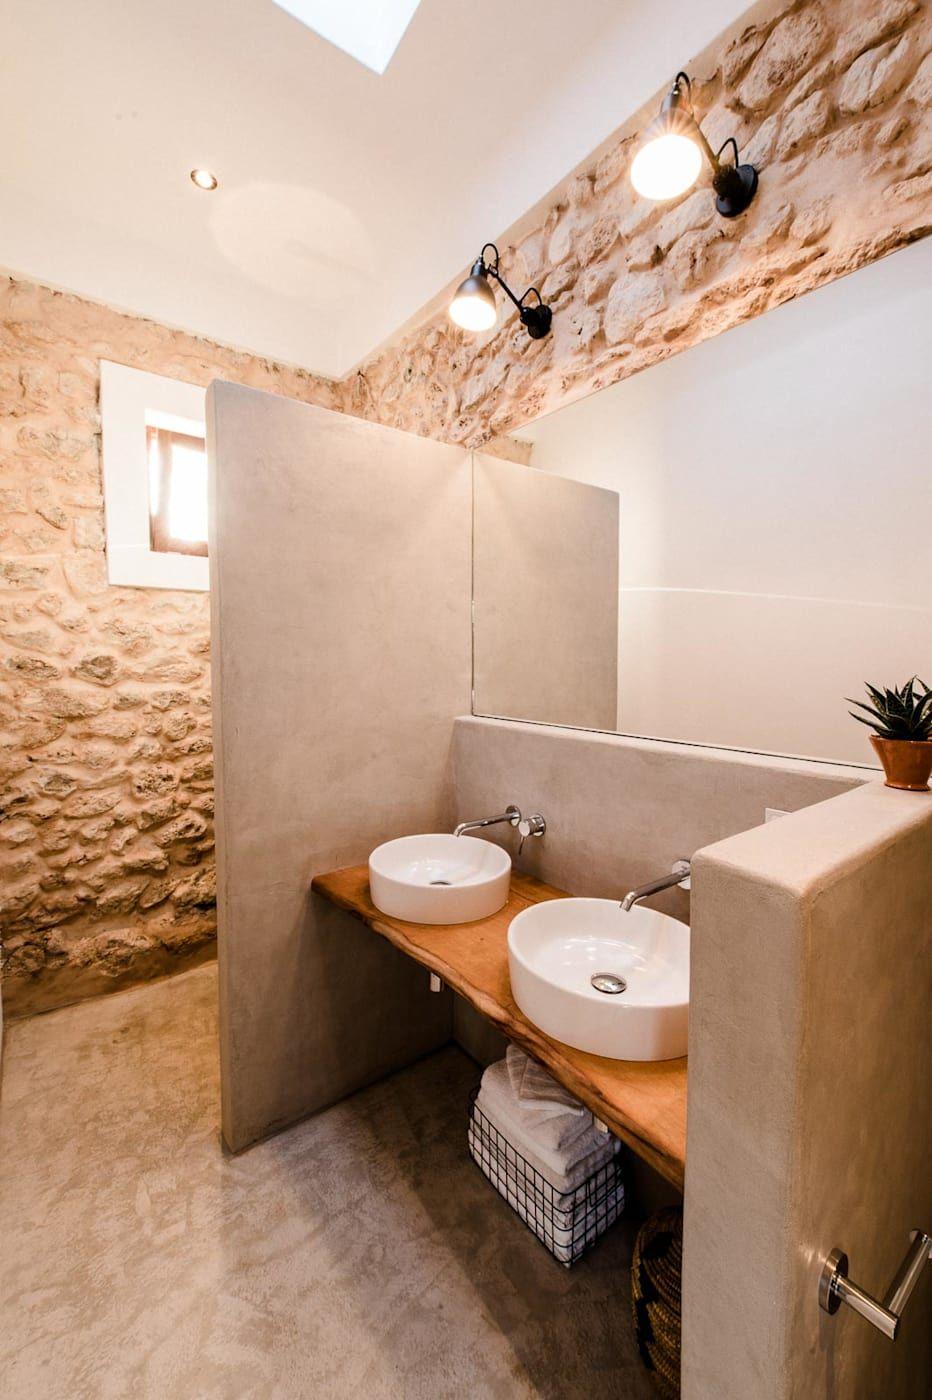 Mediterrane Badezimmer Von Ibiza Interiors Nederlandse Architect Ibiza Mediterran In 2020 Zeitgenossische Hauser Badezimmer Inspiration Und Badezimmer Mediterran